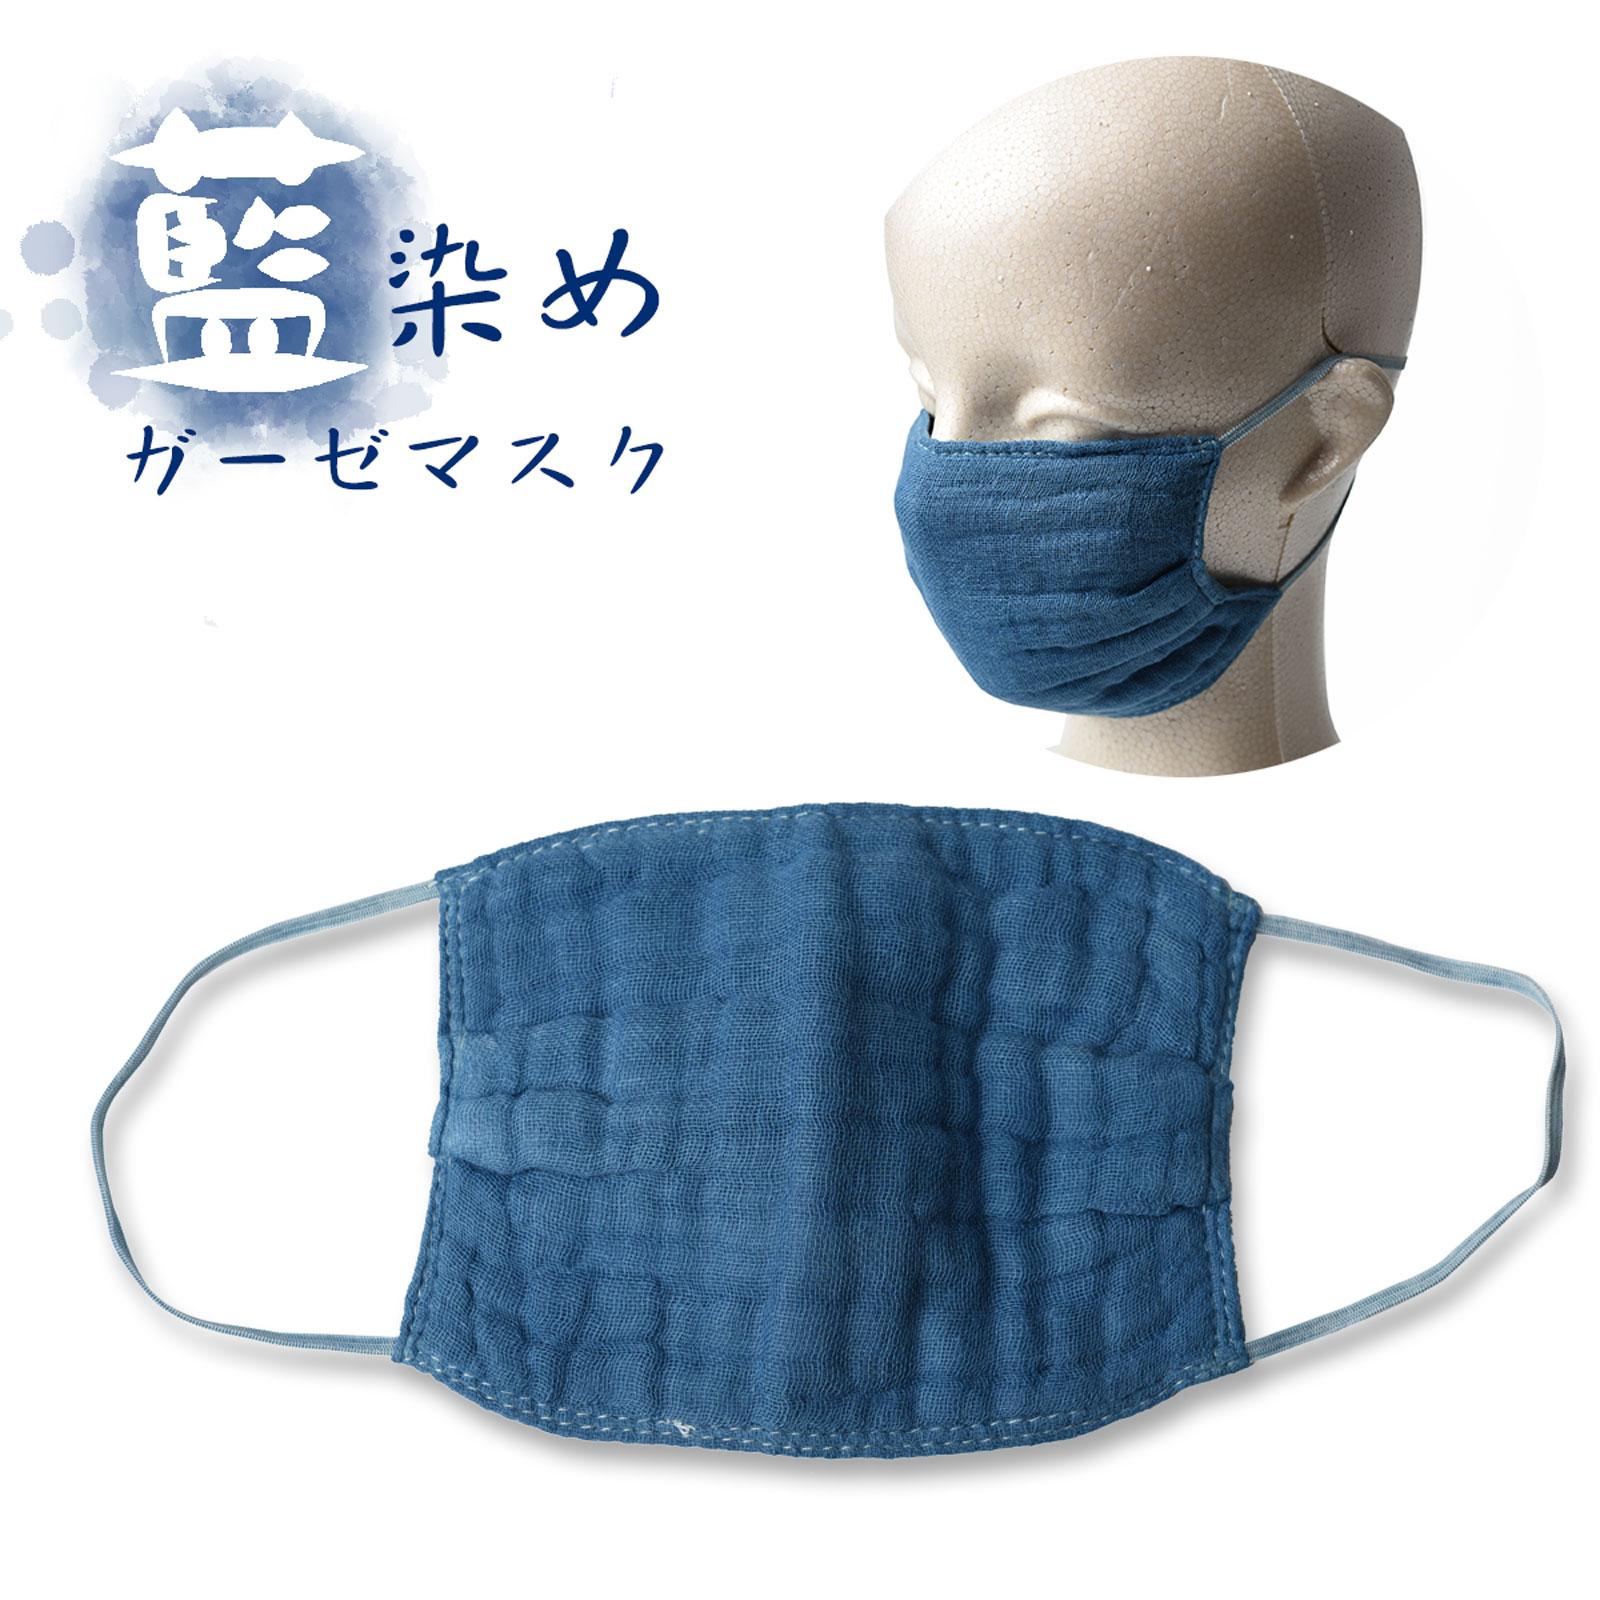 即日発送 平日13時注文 入金分まで マスク 日本製 本藍染 ゴム紐 ガーゼマスク 国内正規品 送料無料 アウトレット 消臭 天然 洗えるマスク